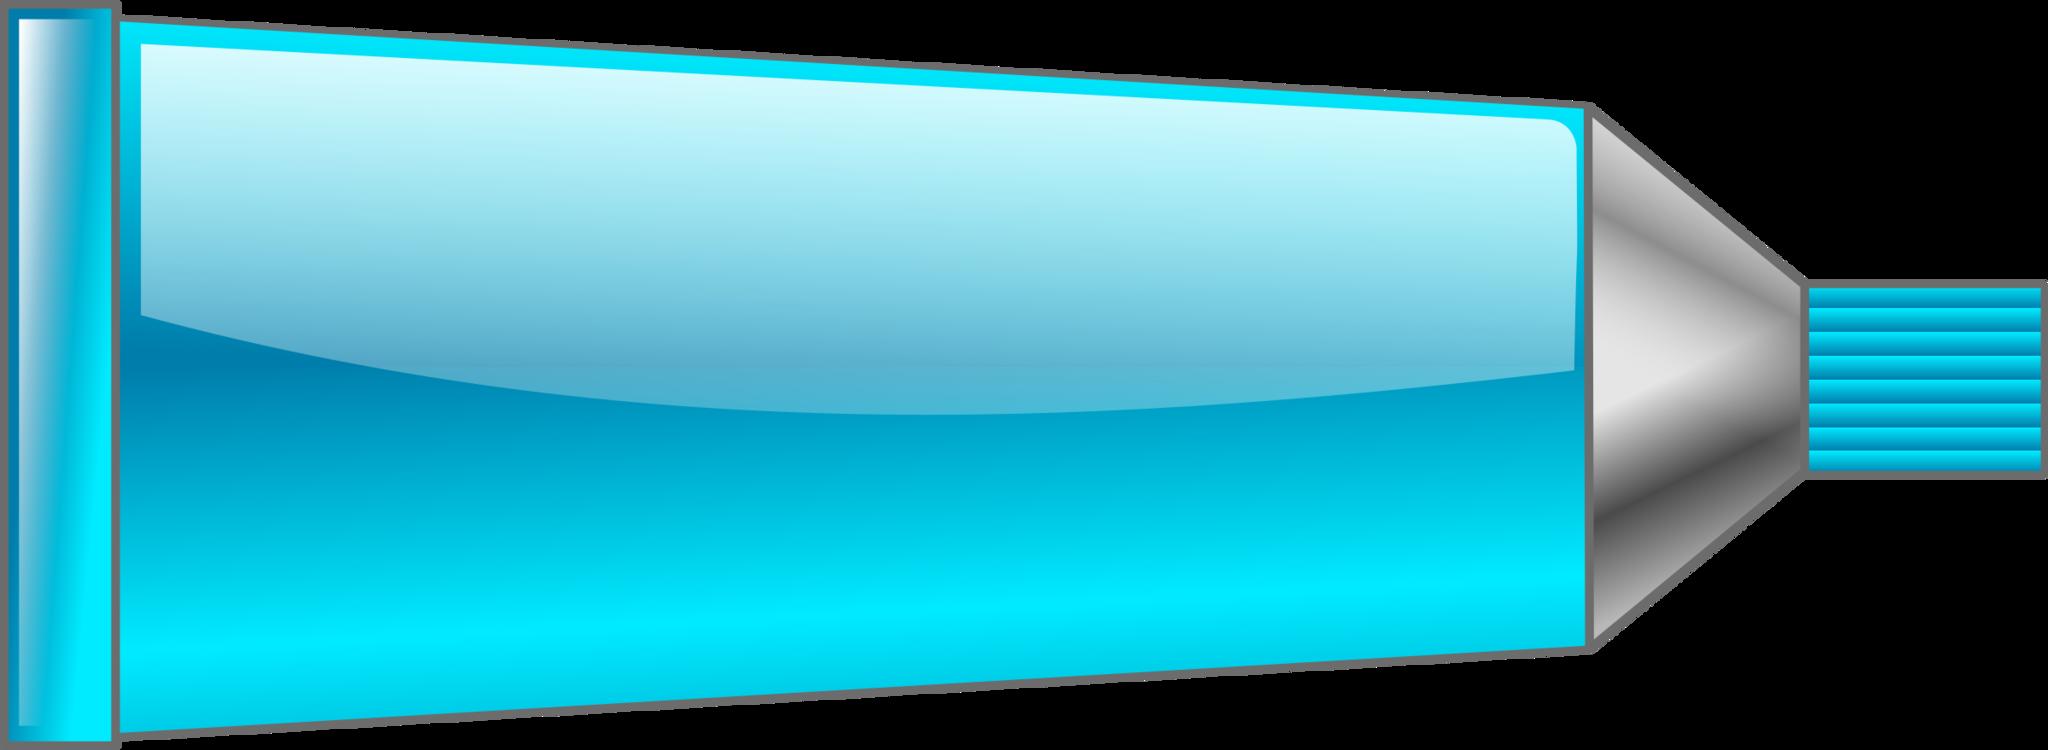 Blue,Angle,Aqua